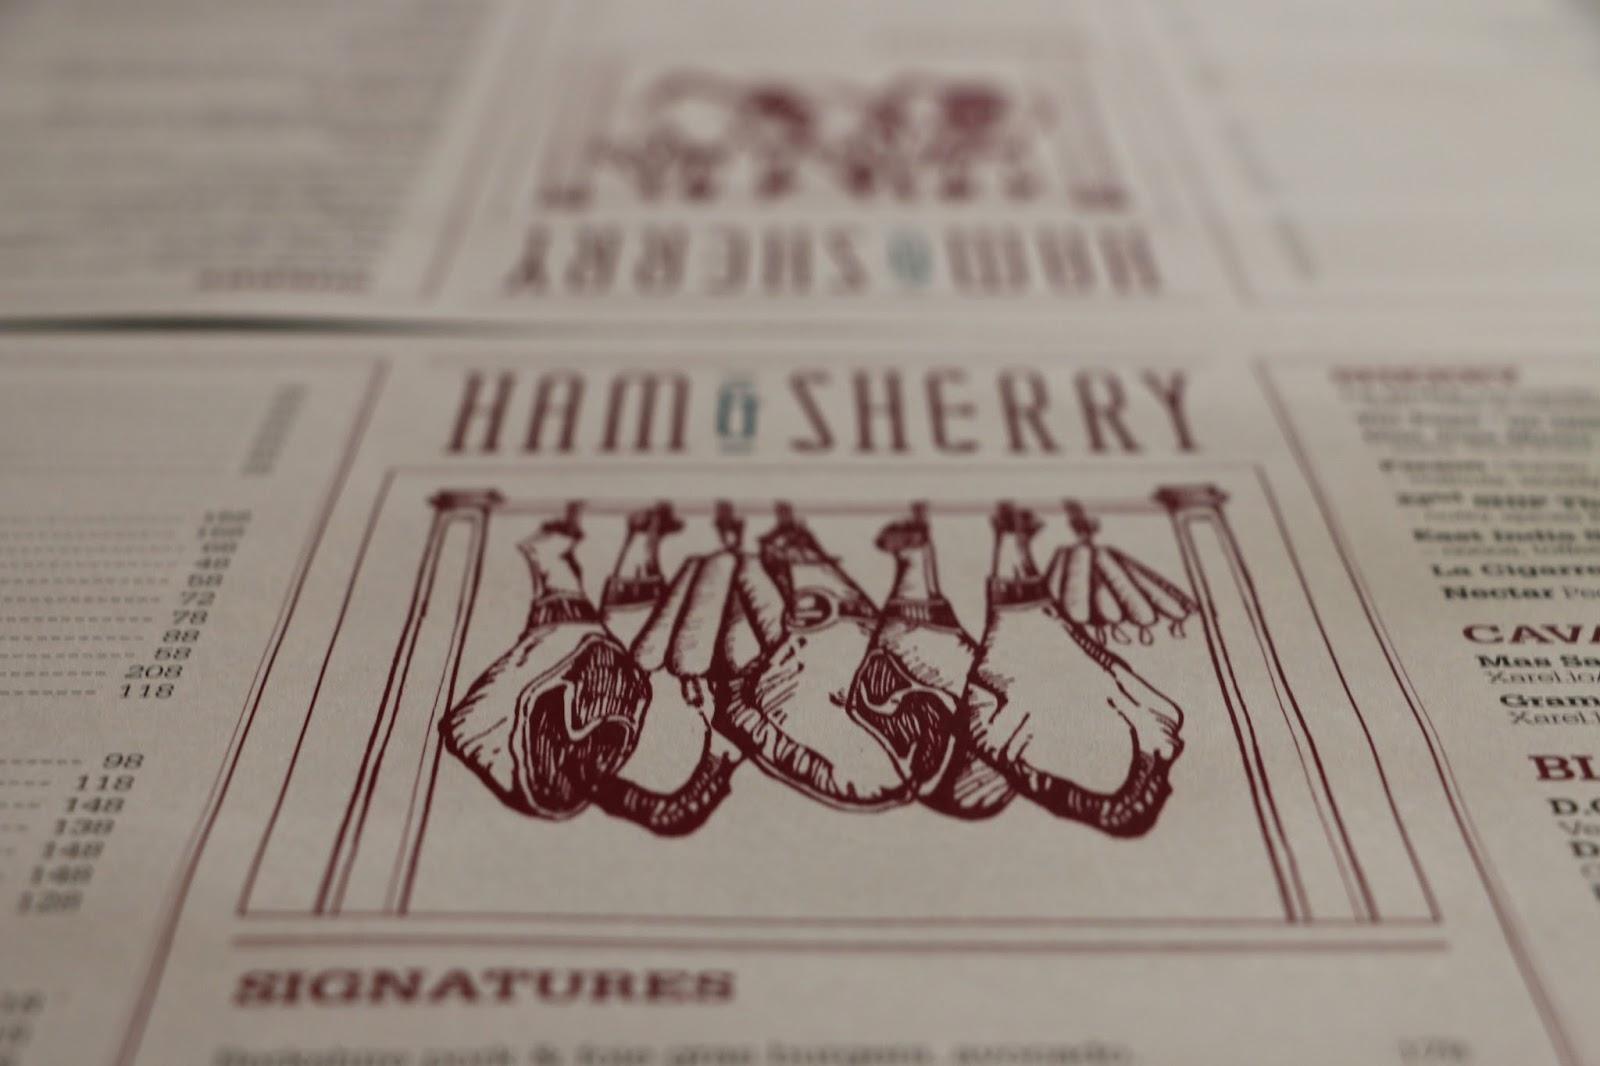 Ham & Sherry, 西班牙, tapas, ship street, menu